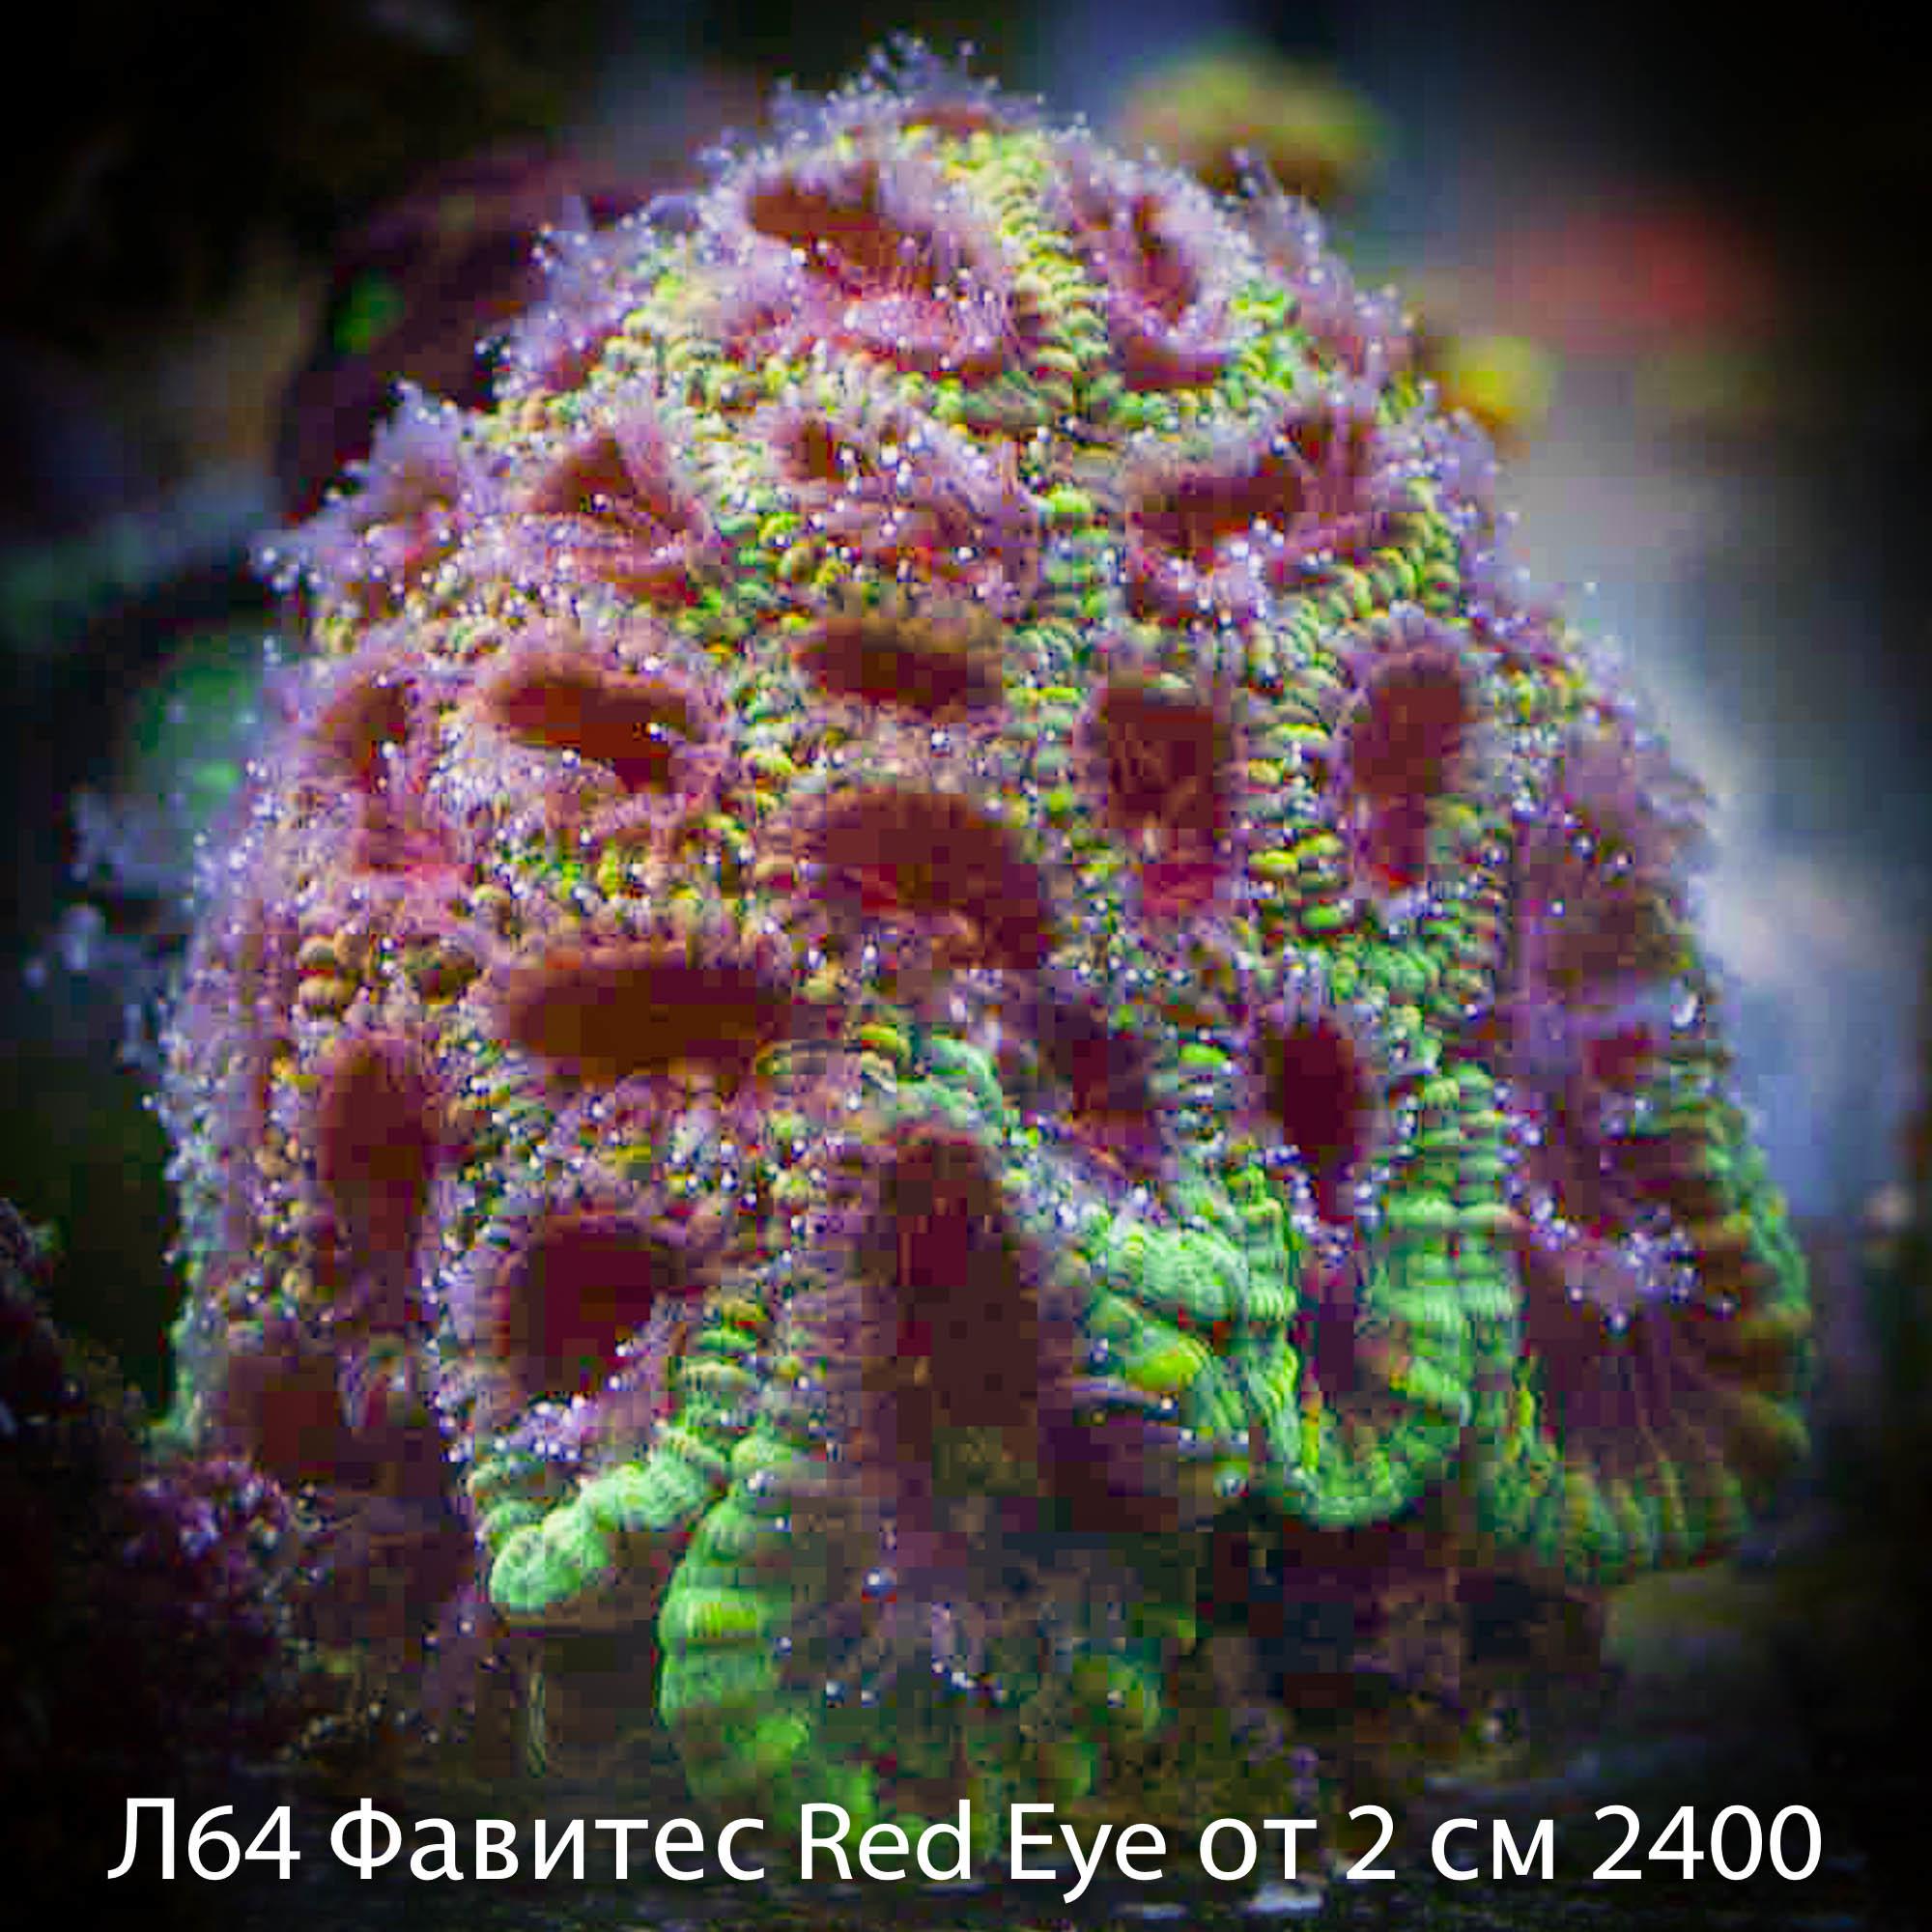 Л64 Фавитес Red Eye от 2 см 2400